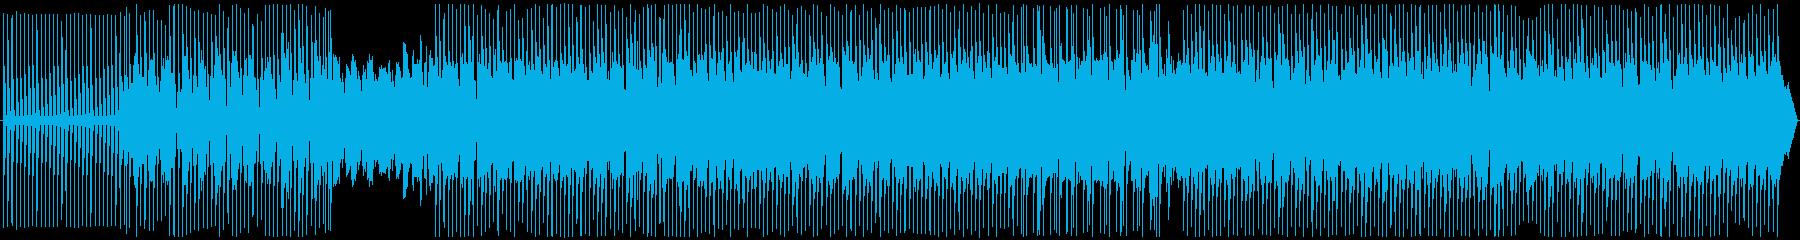 テクノ。神秘的で神秘的の再生済みの波形